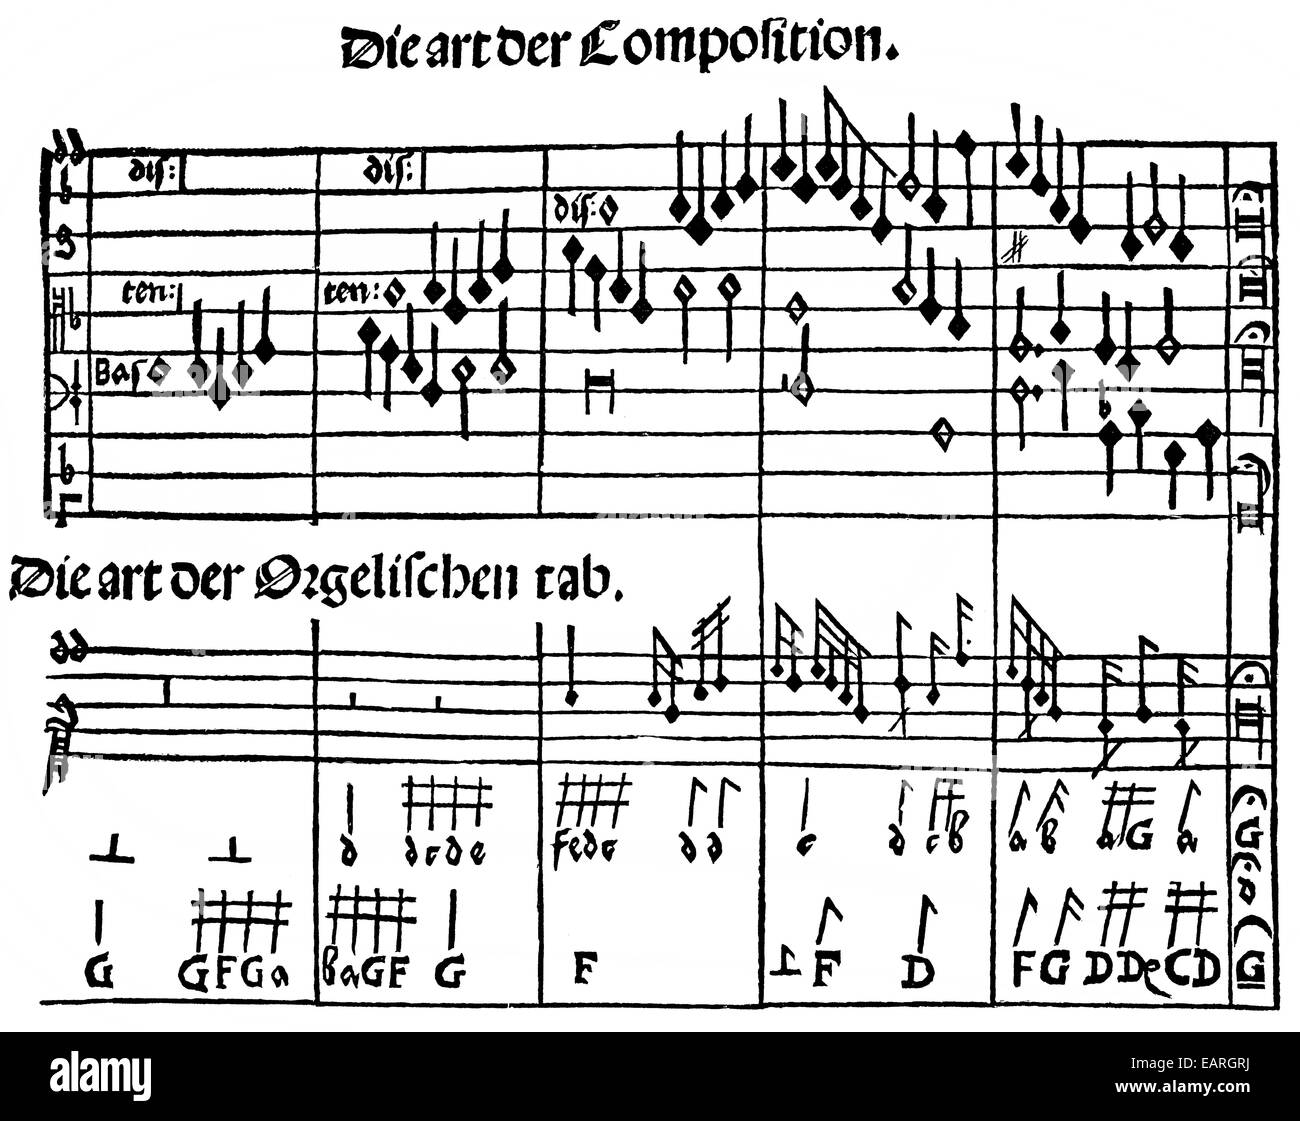 musikalische Komposition, Partitur, laute Tabulatur, 16. Jahrhundert, Tonsatz in Partitur Und Nach der Lautentabulatur, Stockbild